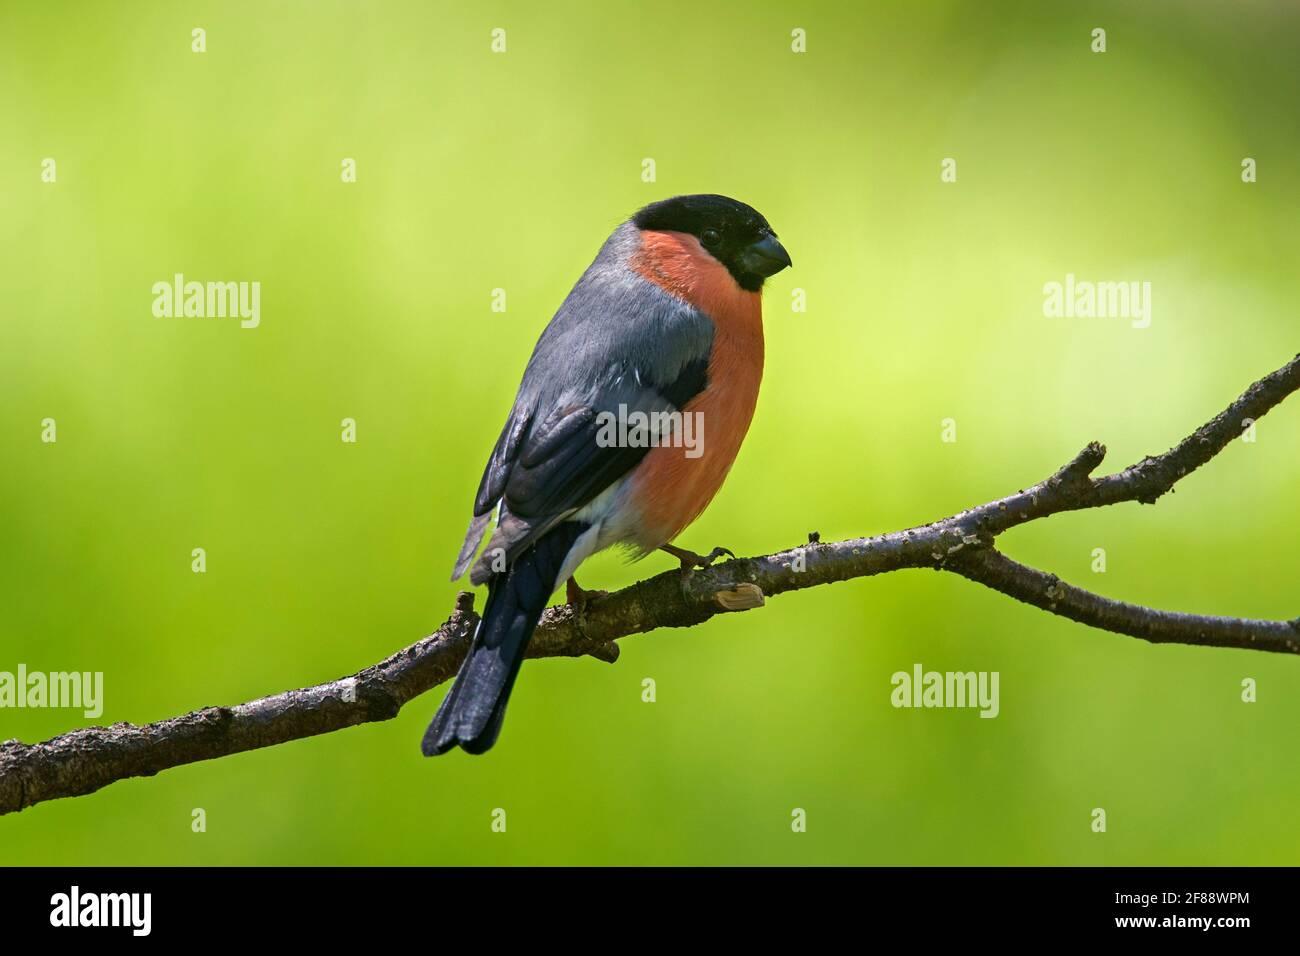 Canard colvert / Pyrrhula pyrrhula Bouvreuil (commune) mâle perché dans l'arbre Banque D'Images